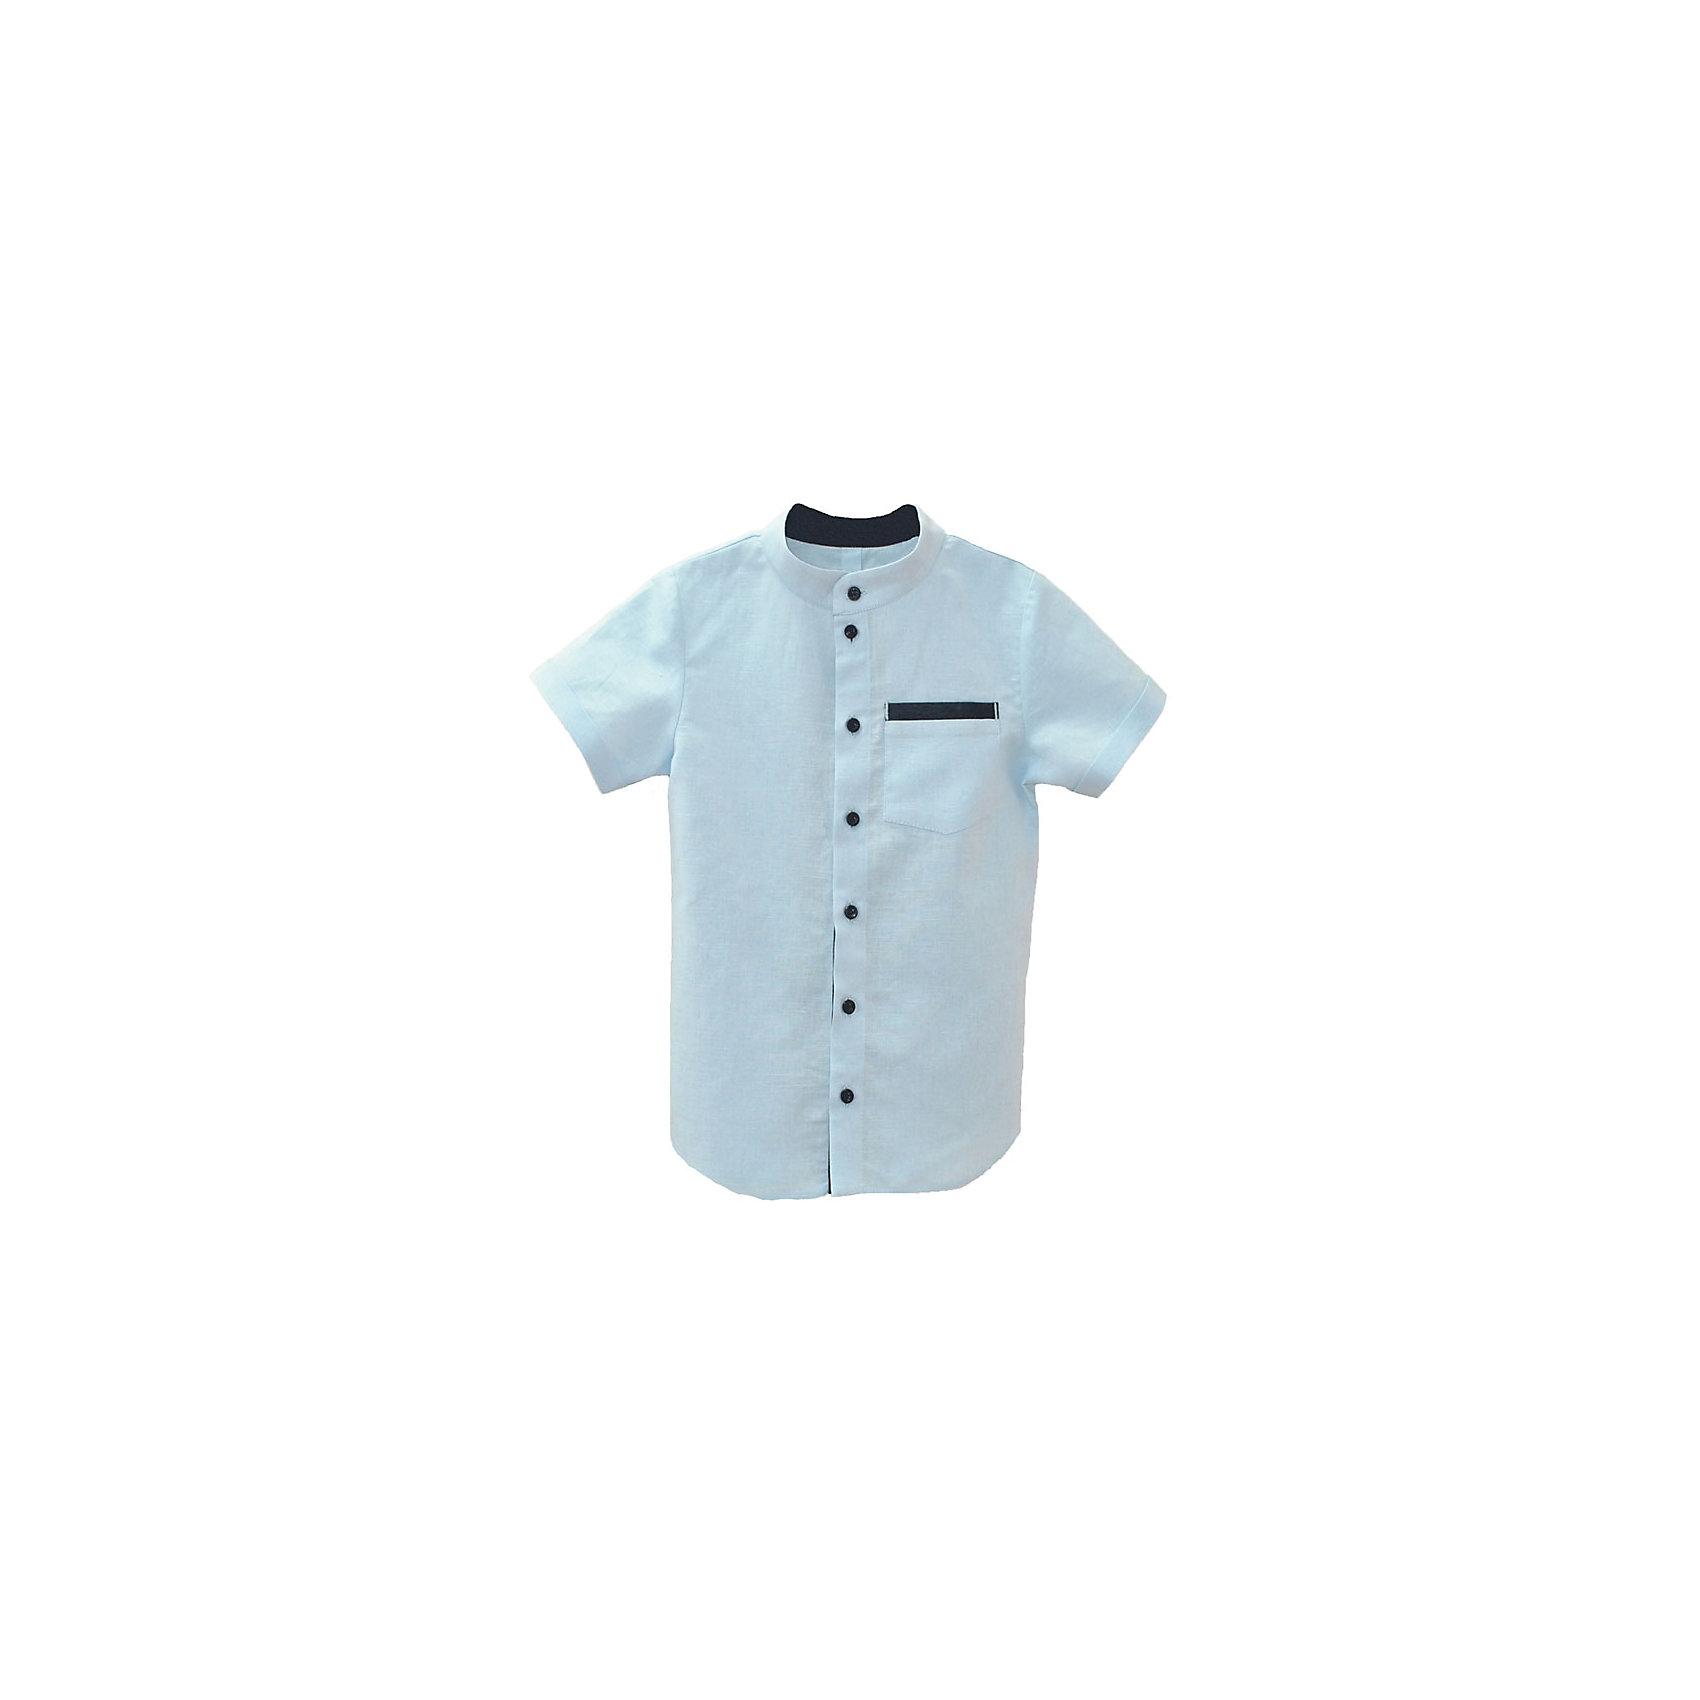 Goldy Рубашка  для мальчика Goldy goldy белый с голубыми манжетами